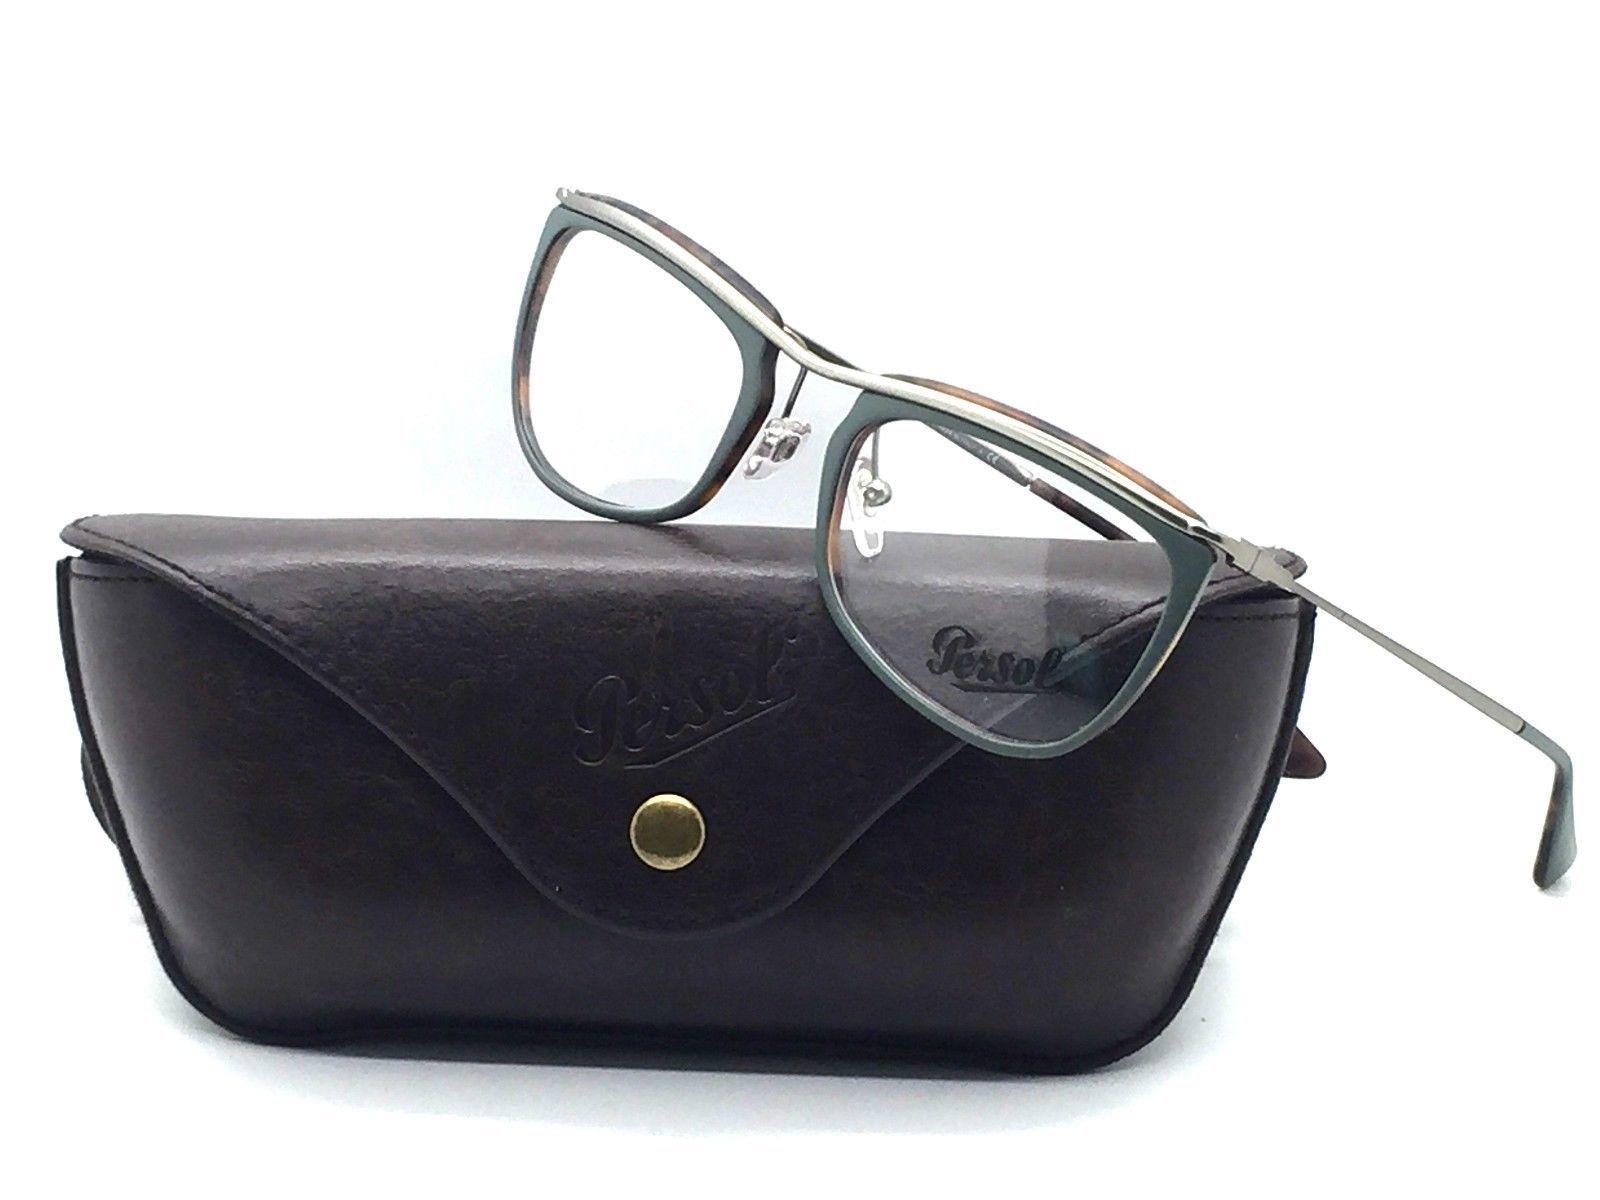 b8d98e0da5d07 Persol Rx eyeglasses 3083-V 1007 New and 34 similar items